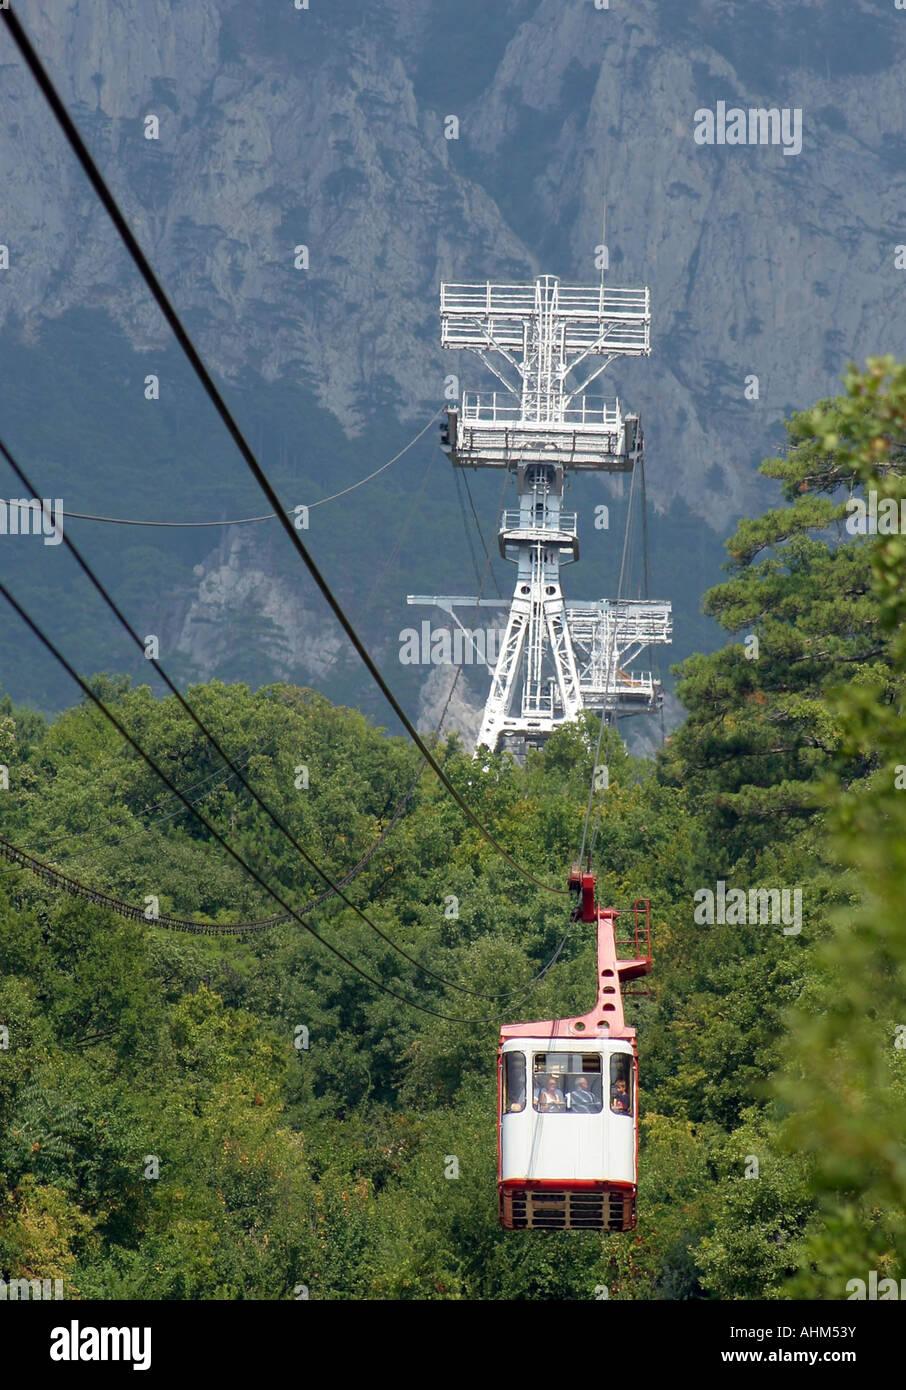 cable car above a wood crimea mountain ajpetri - Stock Image